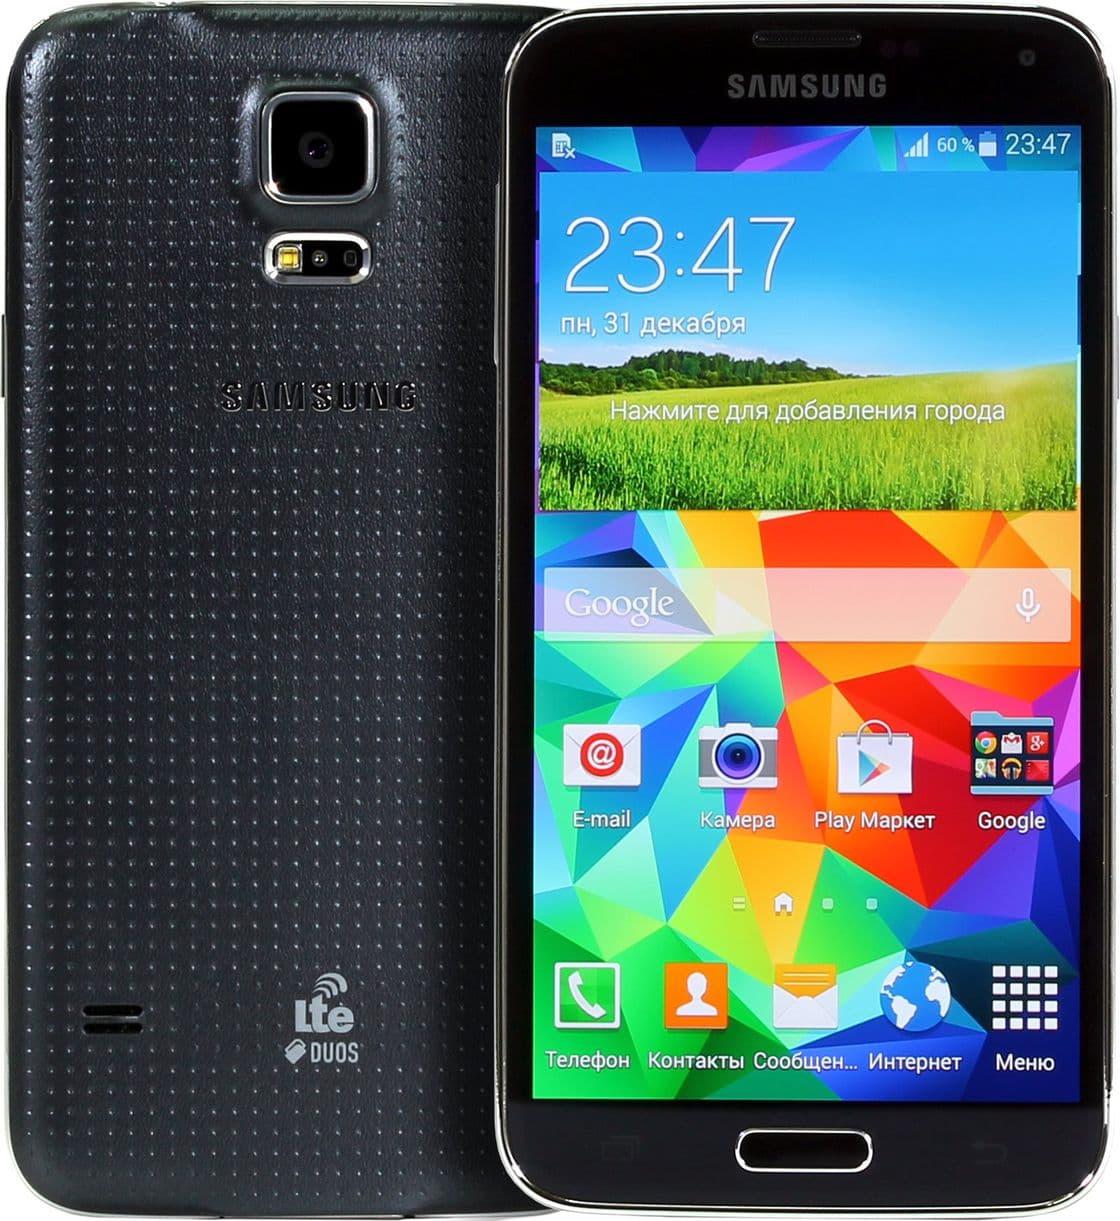 Samsung Galaxy S5 Duos SM G900FD Buy Smartphone Compare